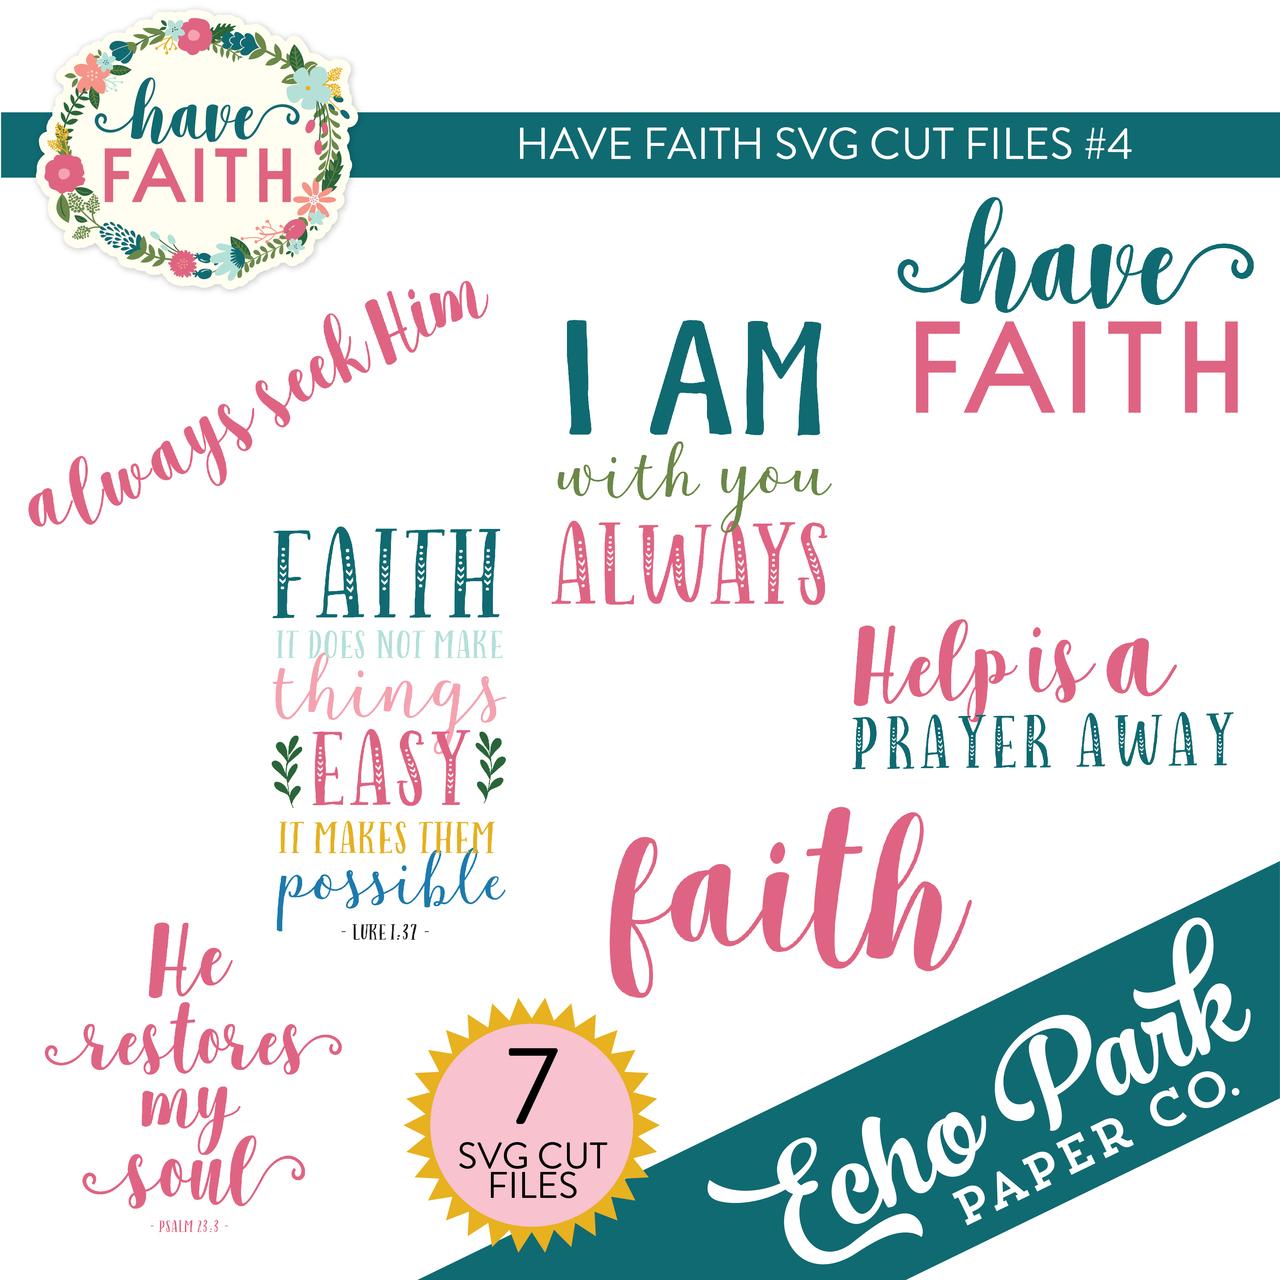 Have Faith SVG Cut Files #4